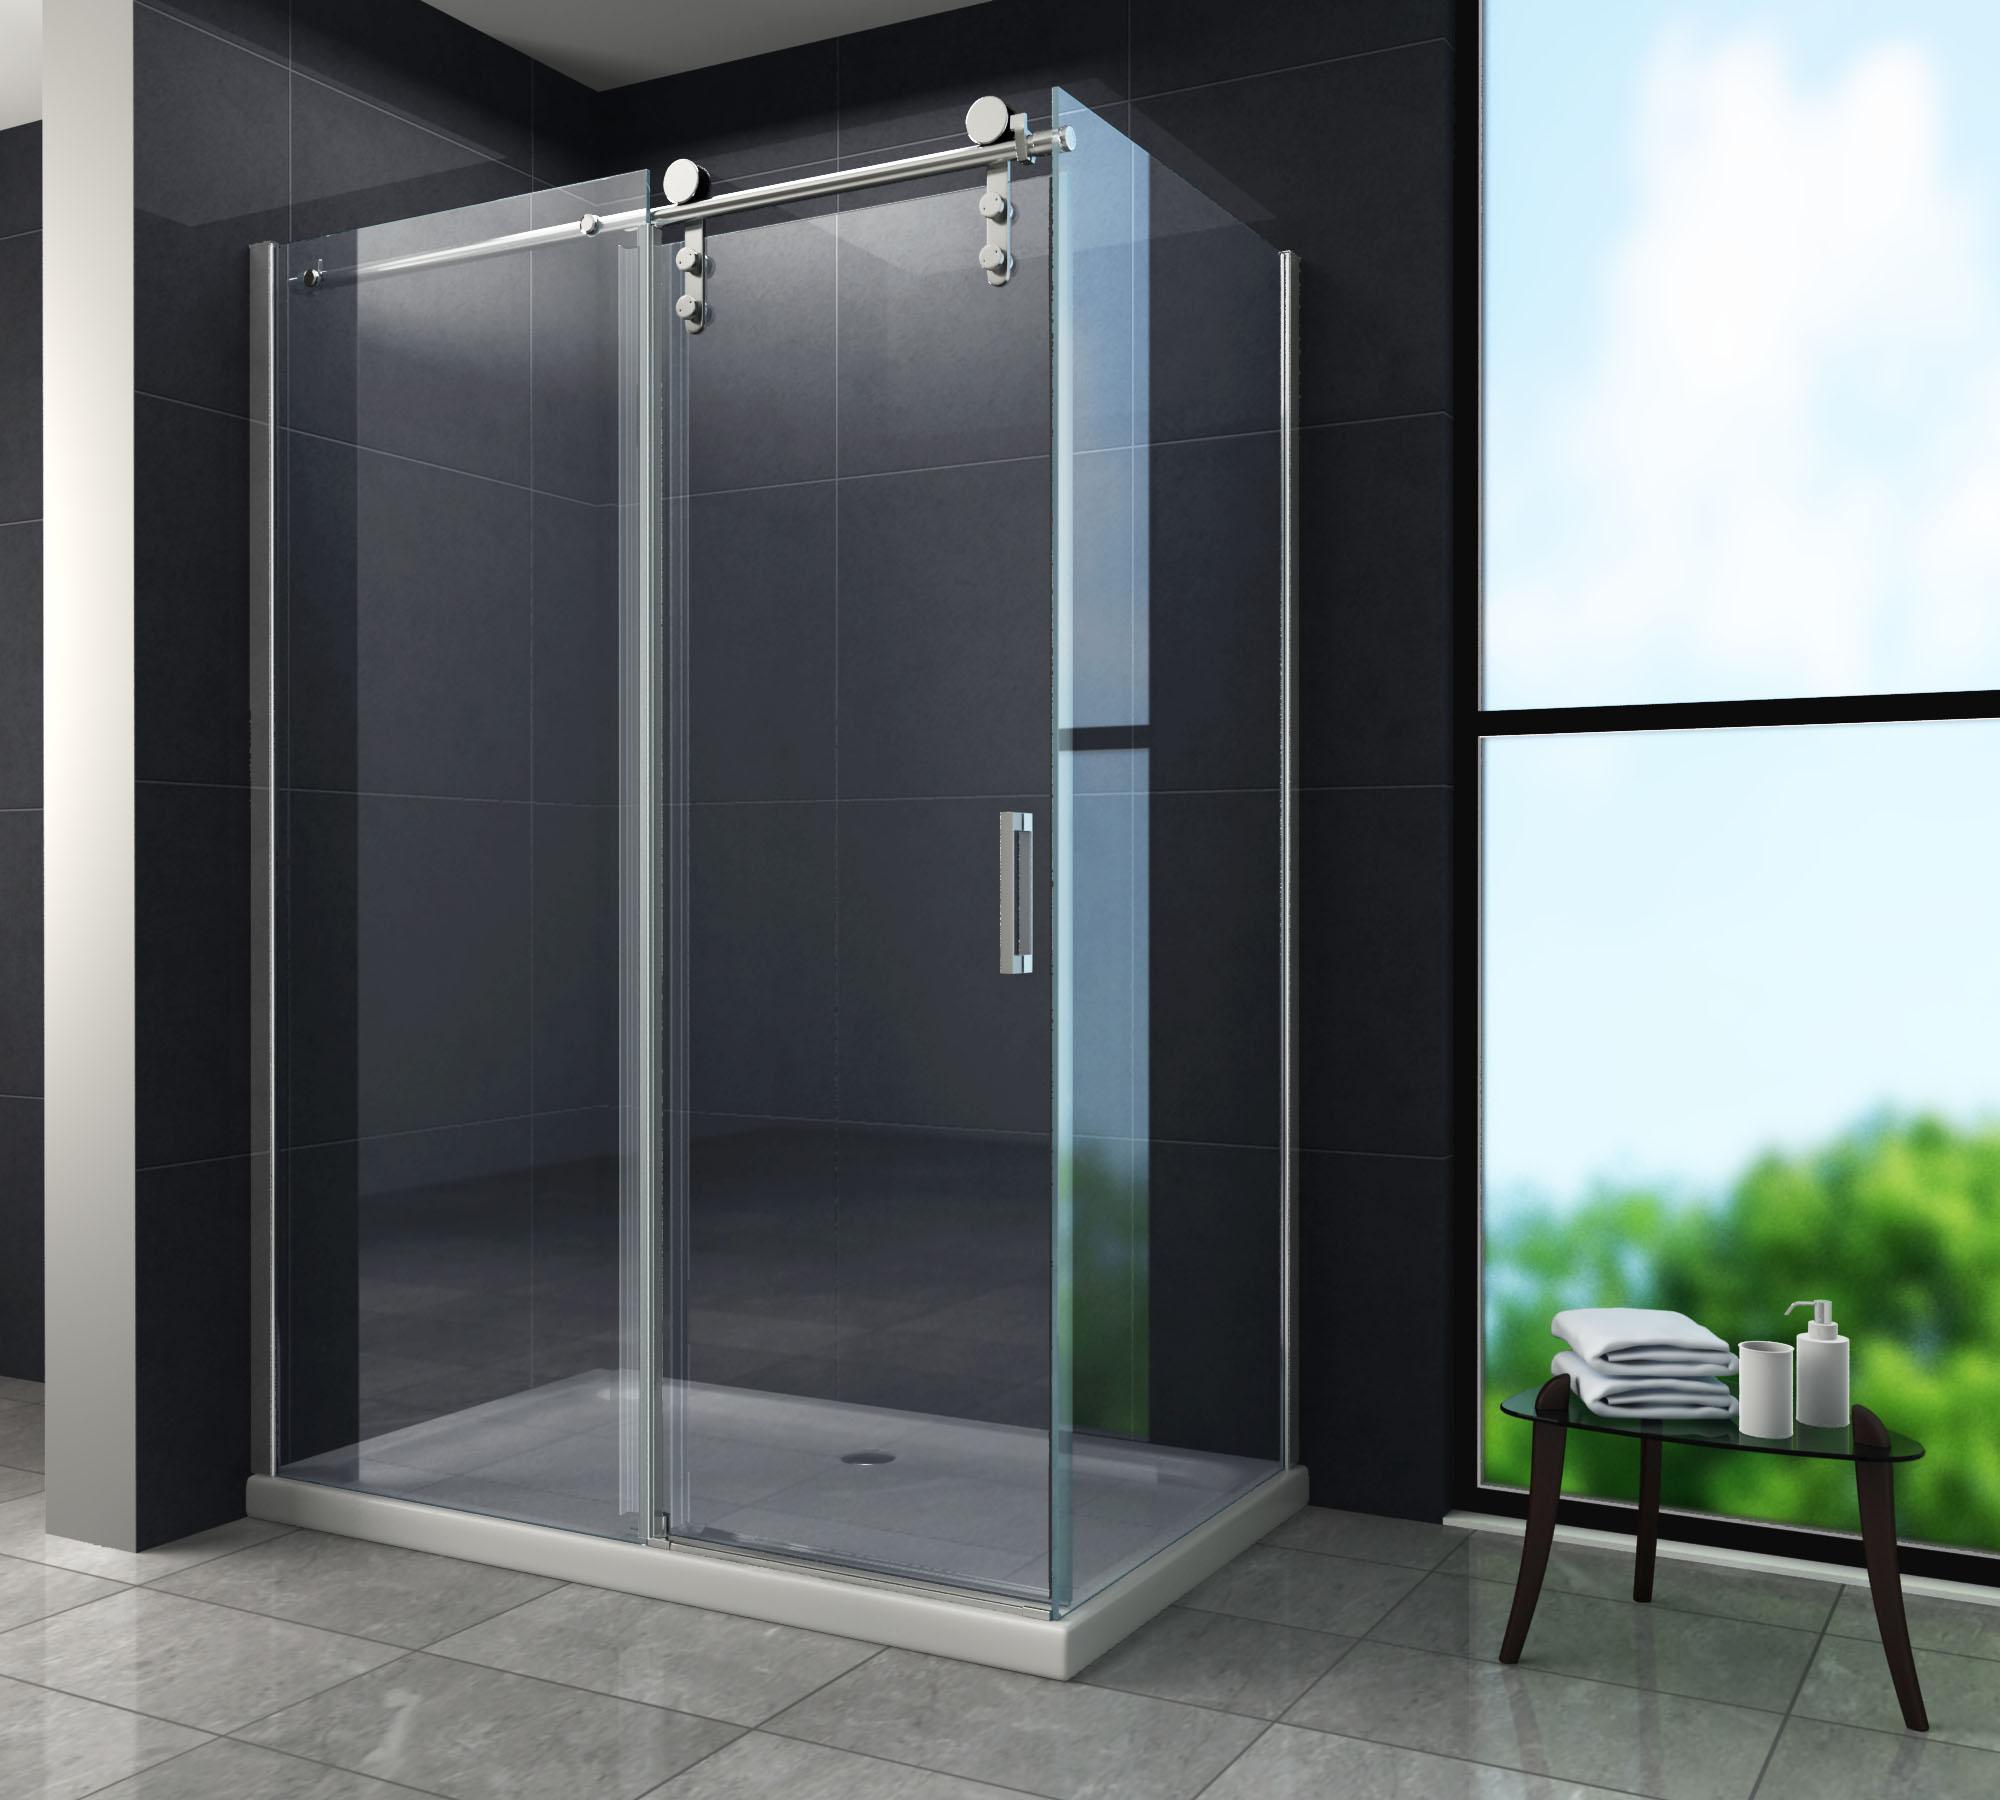 Duschkabine LARGOS 150 x 90 x 195 cm ohne Duschtasse